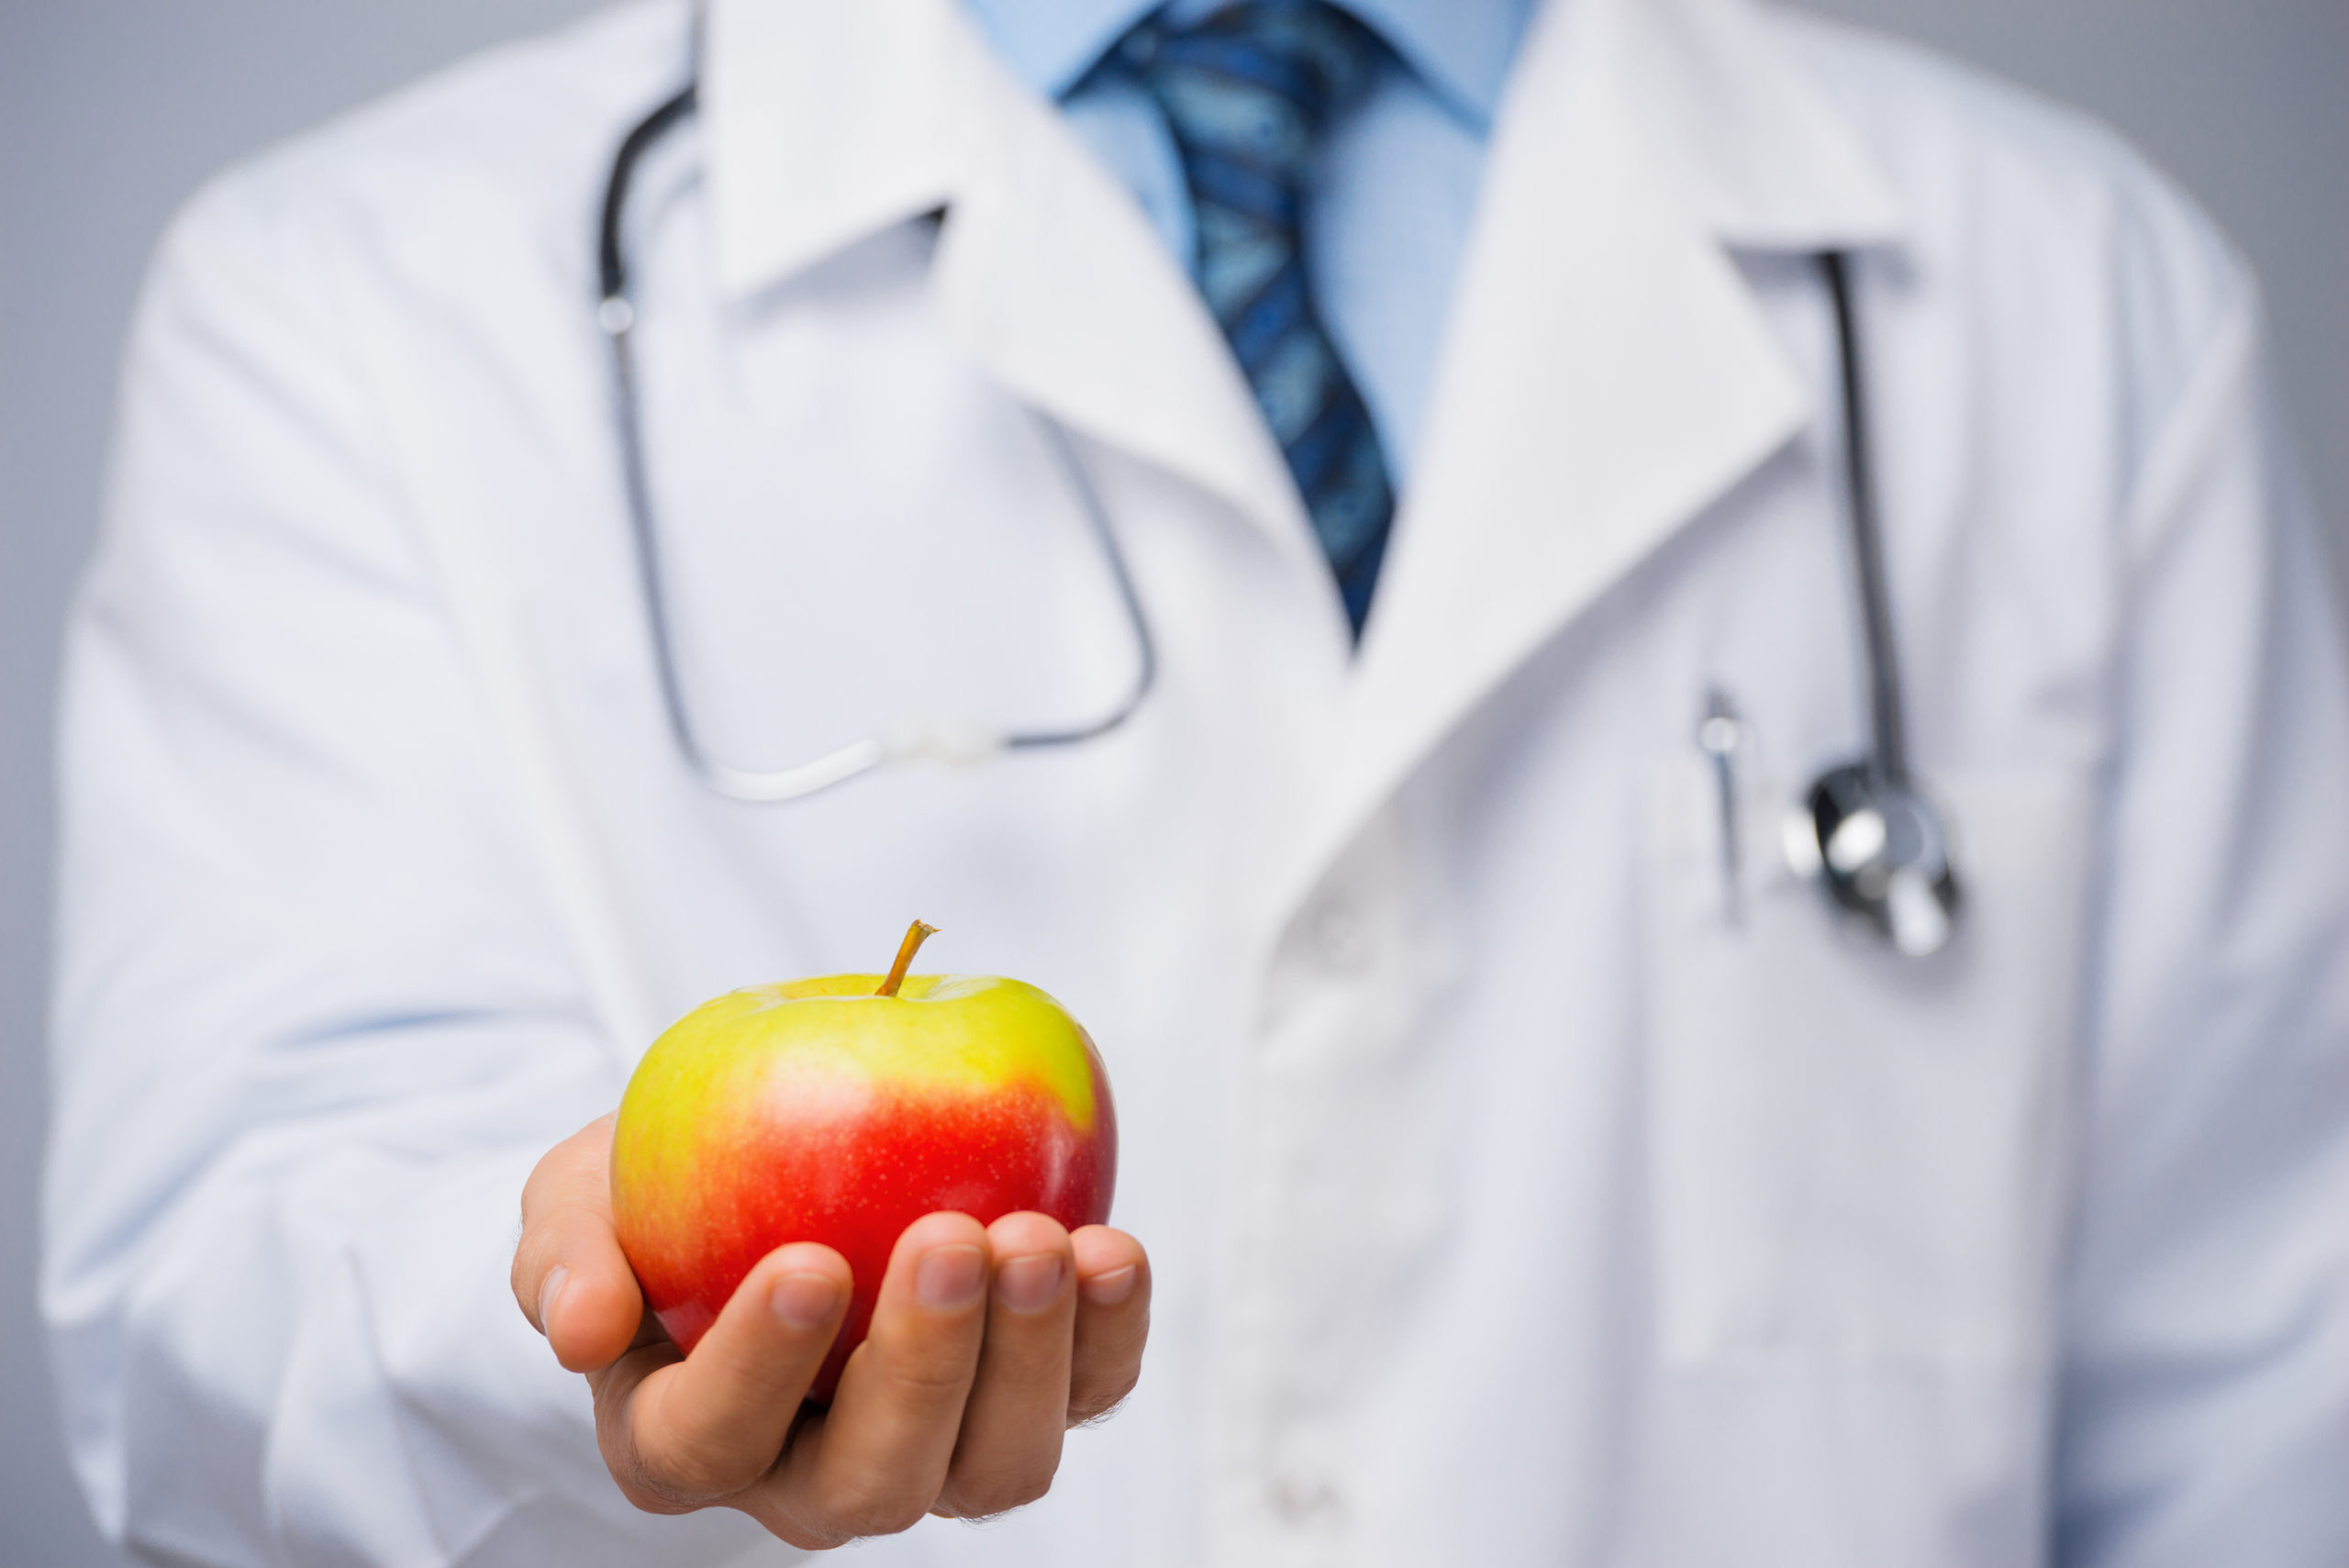 تفاحة يوميًا تبقي الطبيب بعيدًا، حقيقة أم خرافة - هل الإكثار من تناول التفاح يقي من الأمراض - إضافة التفاح إلى نظامك الغذائي - القيمة الغذائية للتفاح